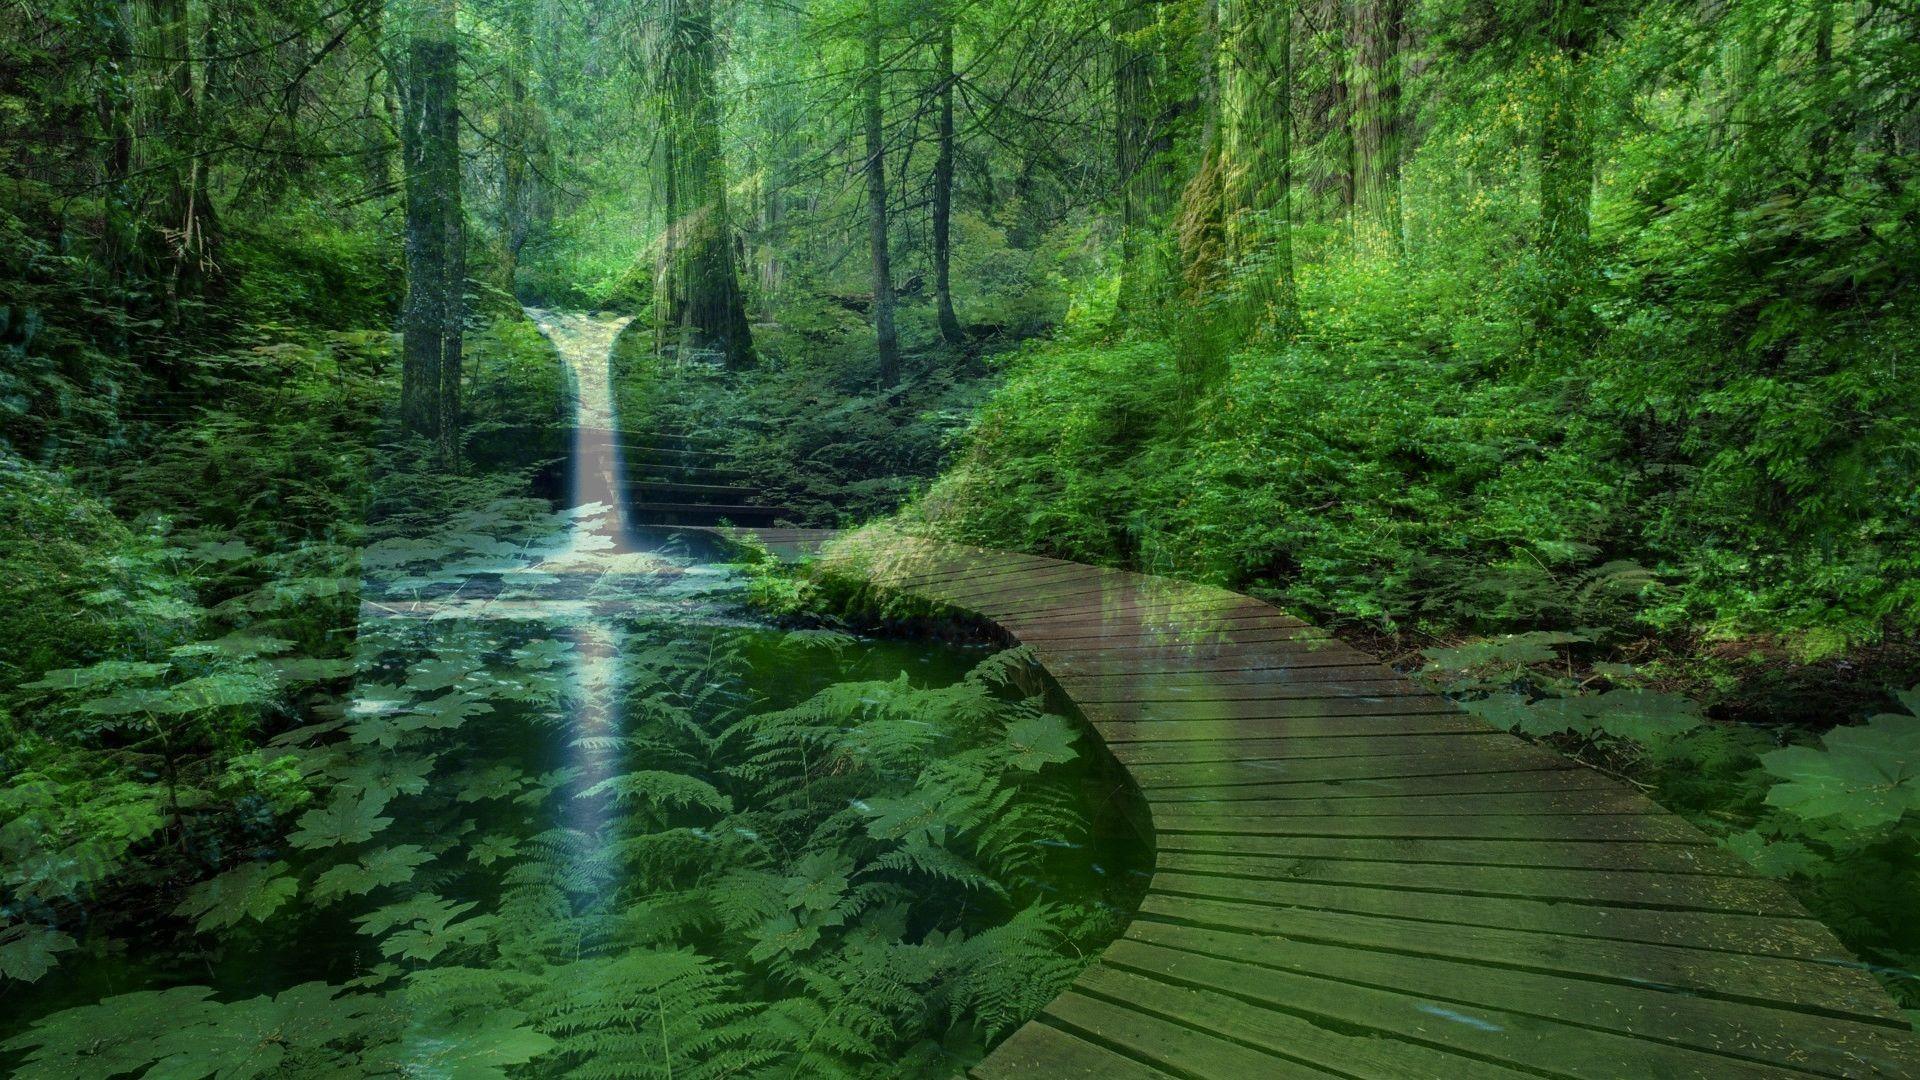 Zen Desktop Wallpapers Top Free Zen Desktop Backgrounds